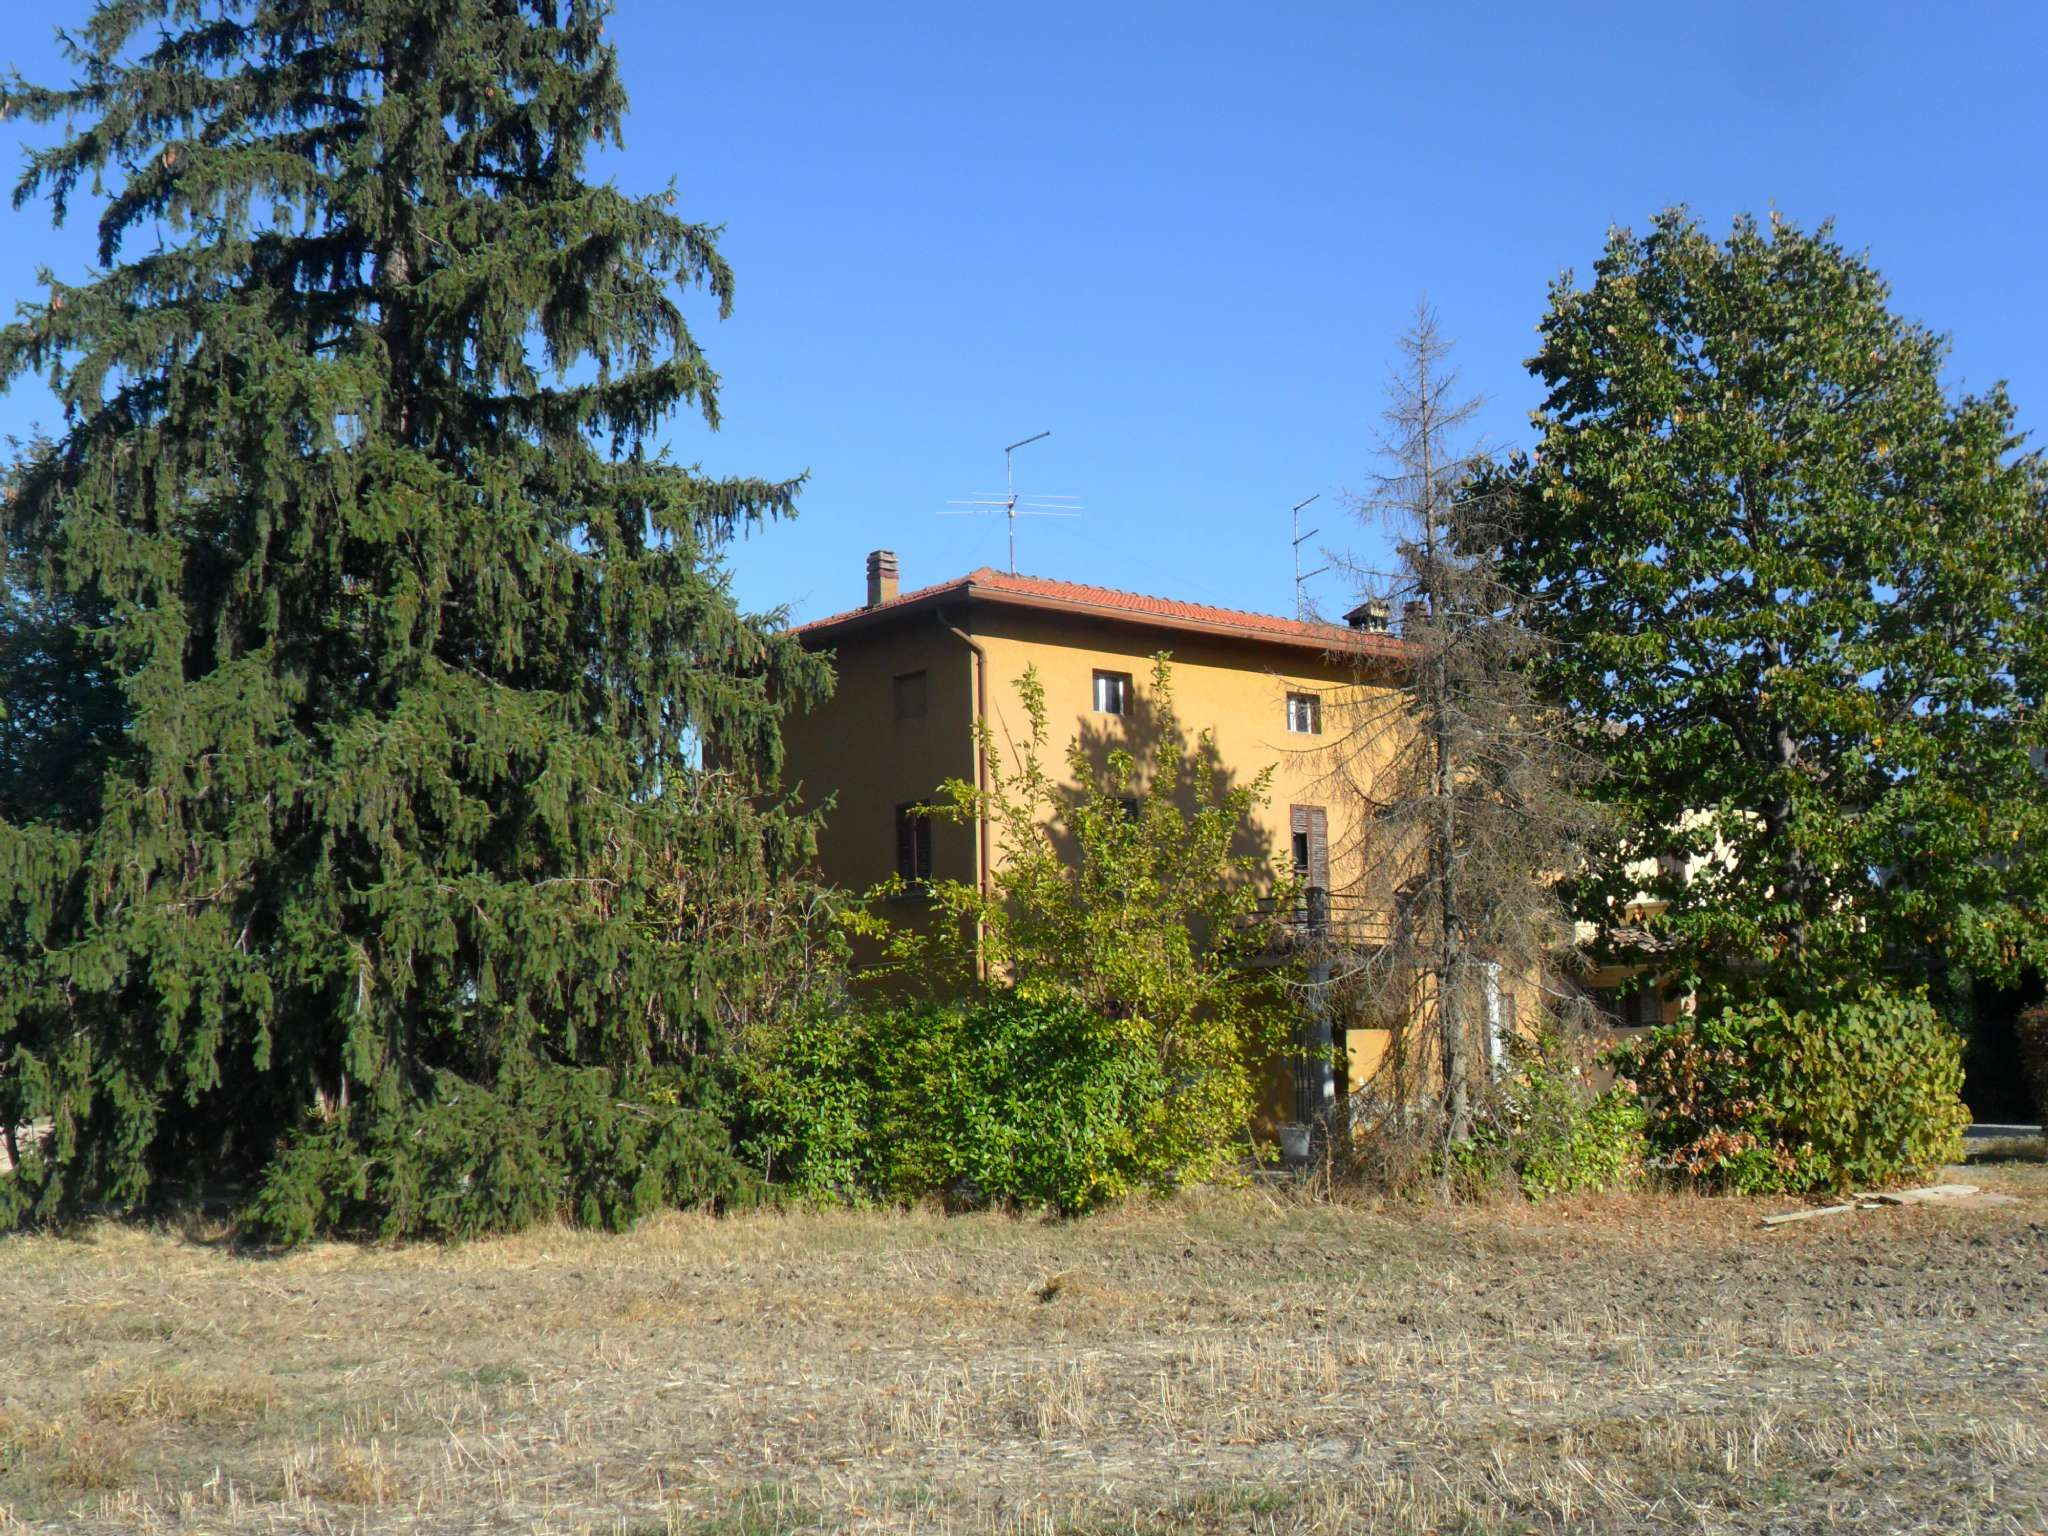 Rustico / Casale in vendita a Noceto, 8 locali, prezzo € 120.000 | Cambio Casa.it